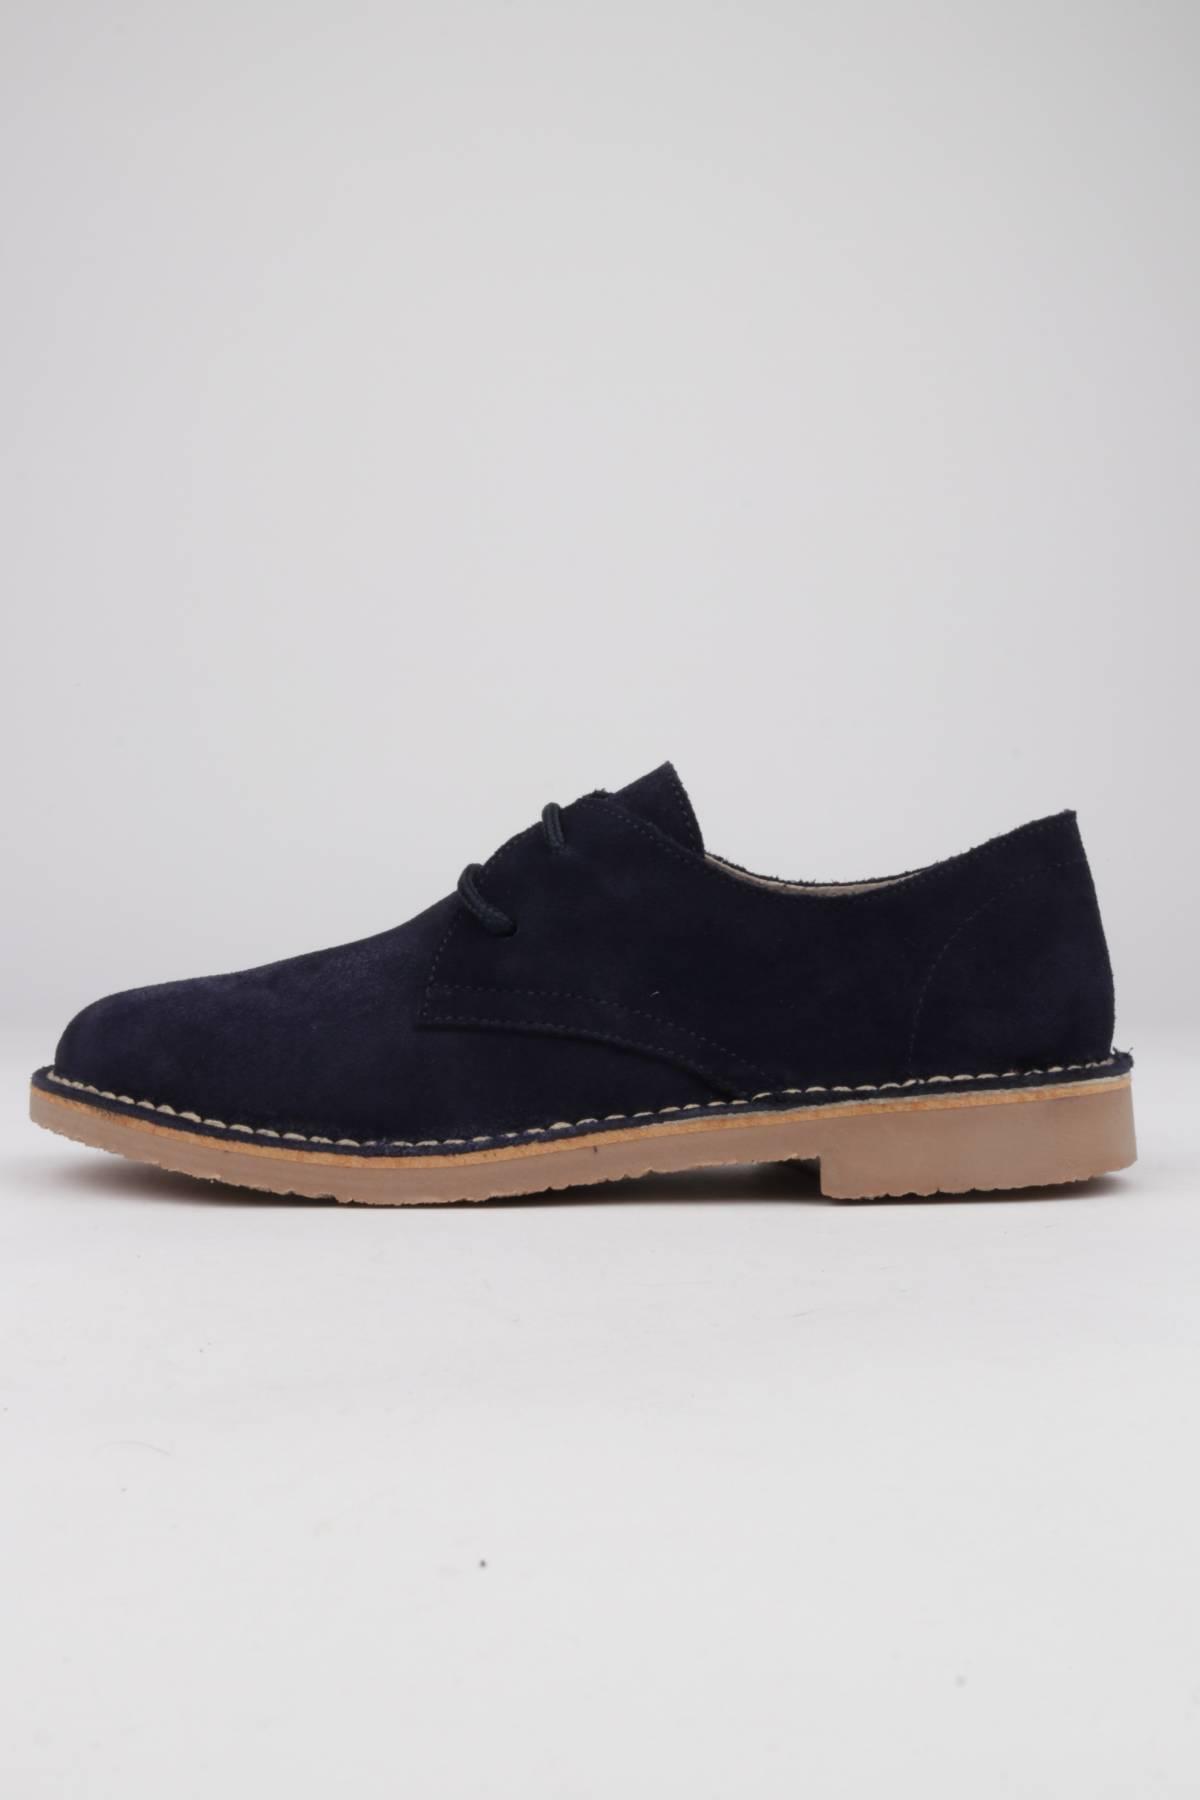 Lace-up shoes blue suede - SHOES DESERT